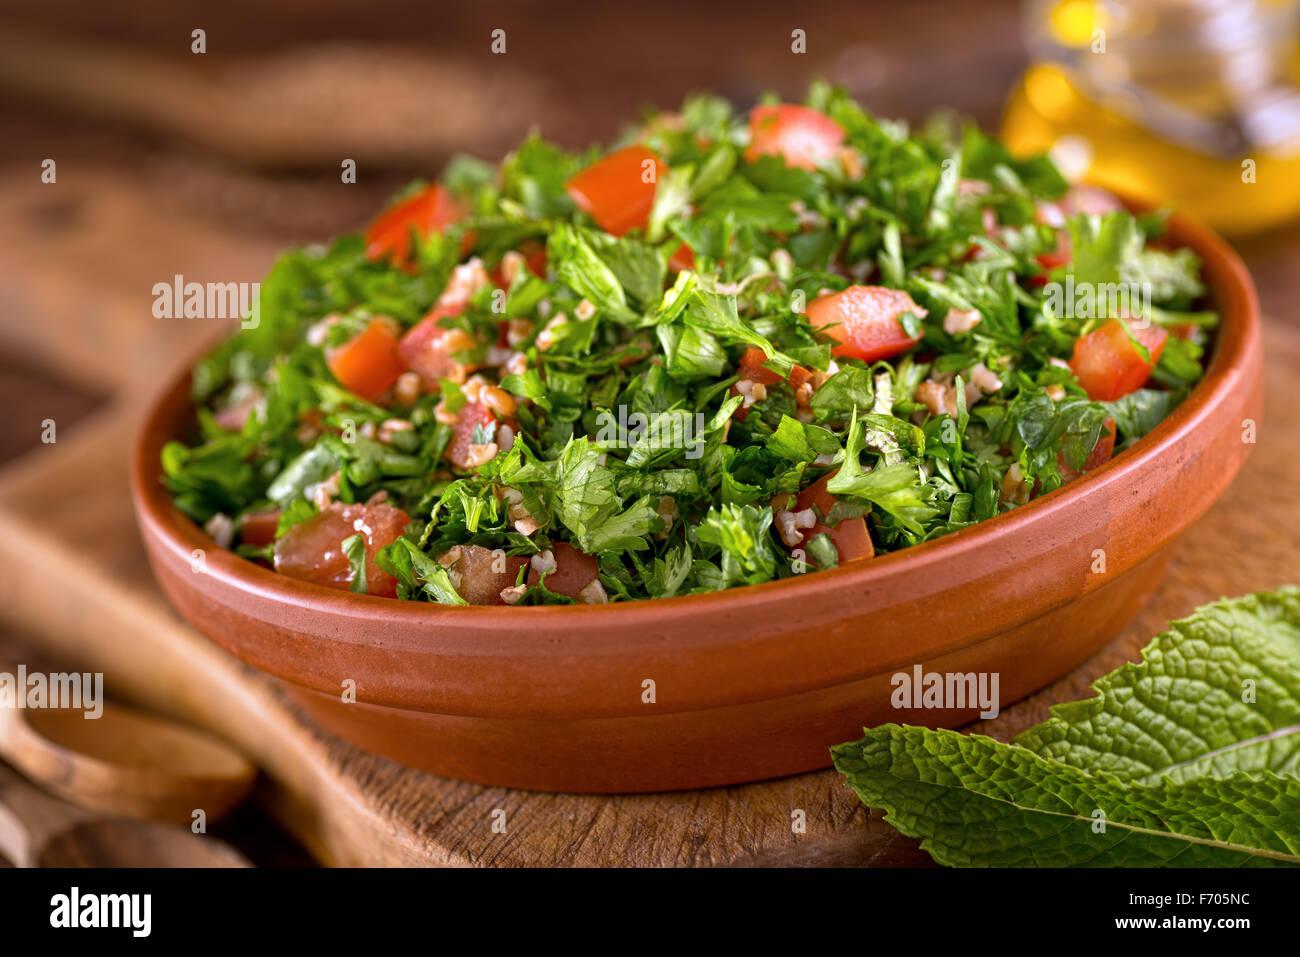 Eine Schüssel mit leckeren frischen Teaneck mit Petersilie, Minze, Tomaten, Zwiebel, Olivenöl, Zitronensaft Stockbild